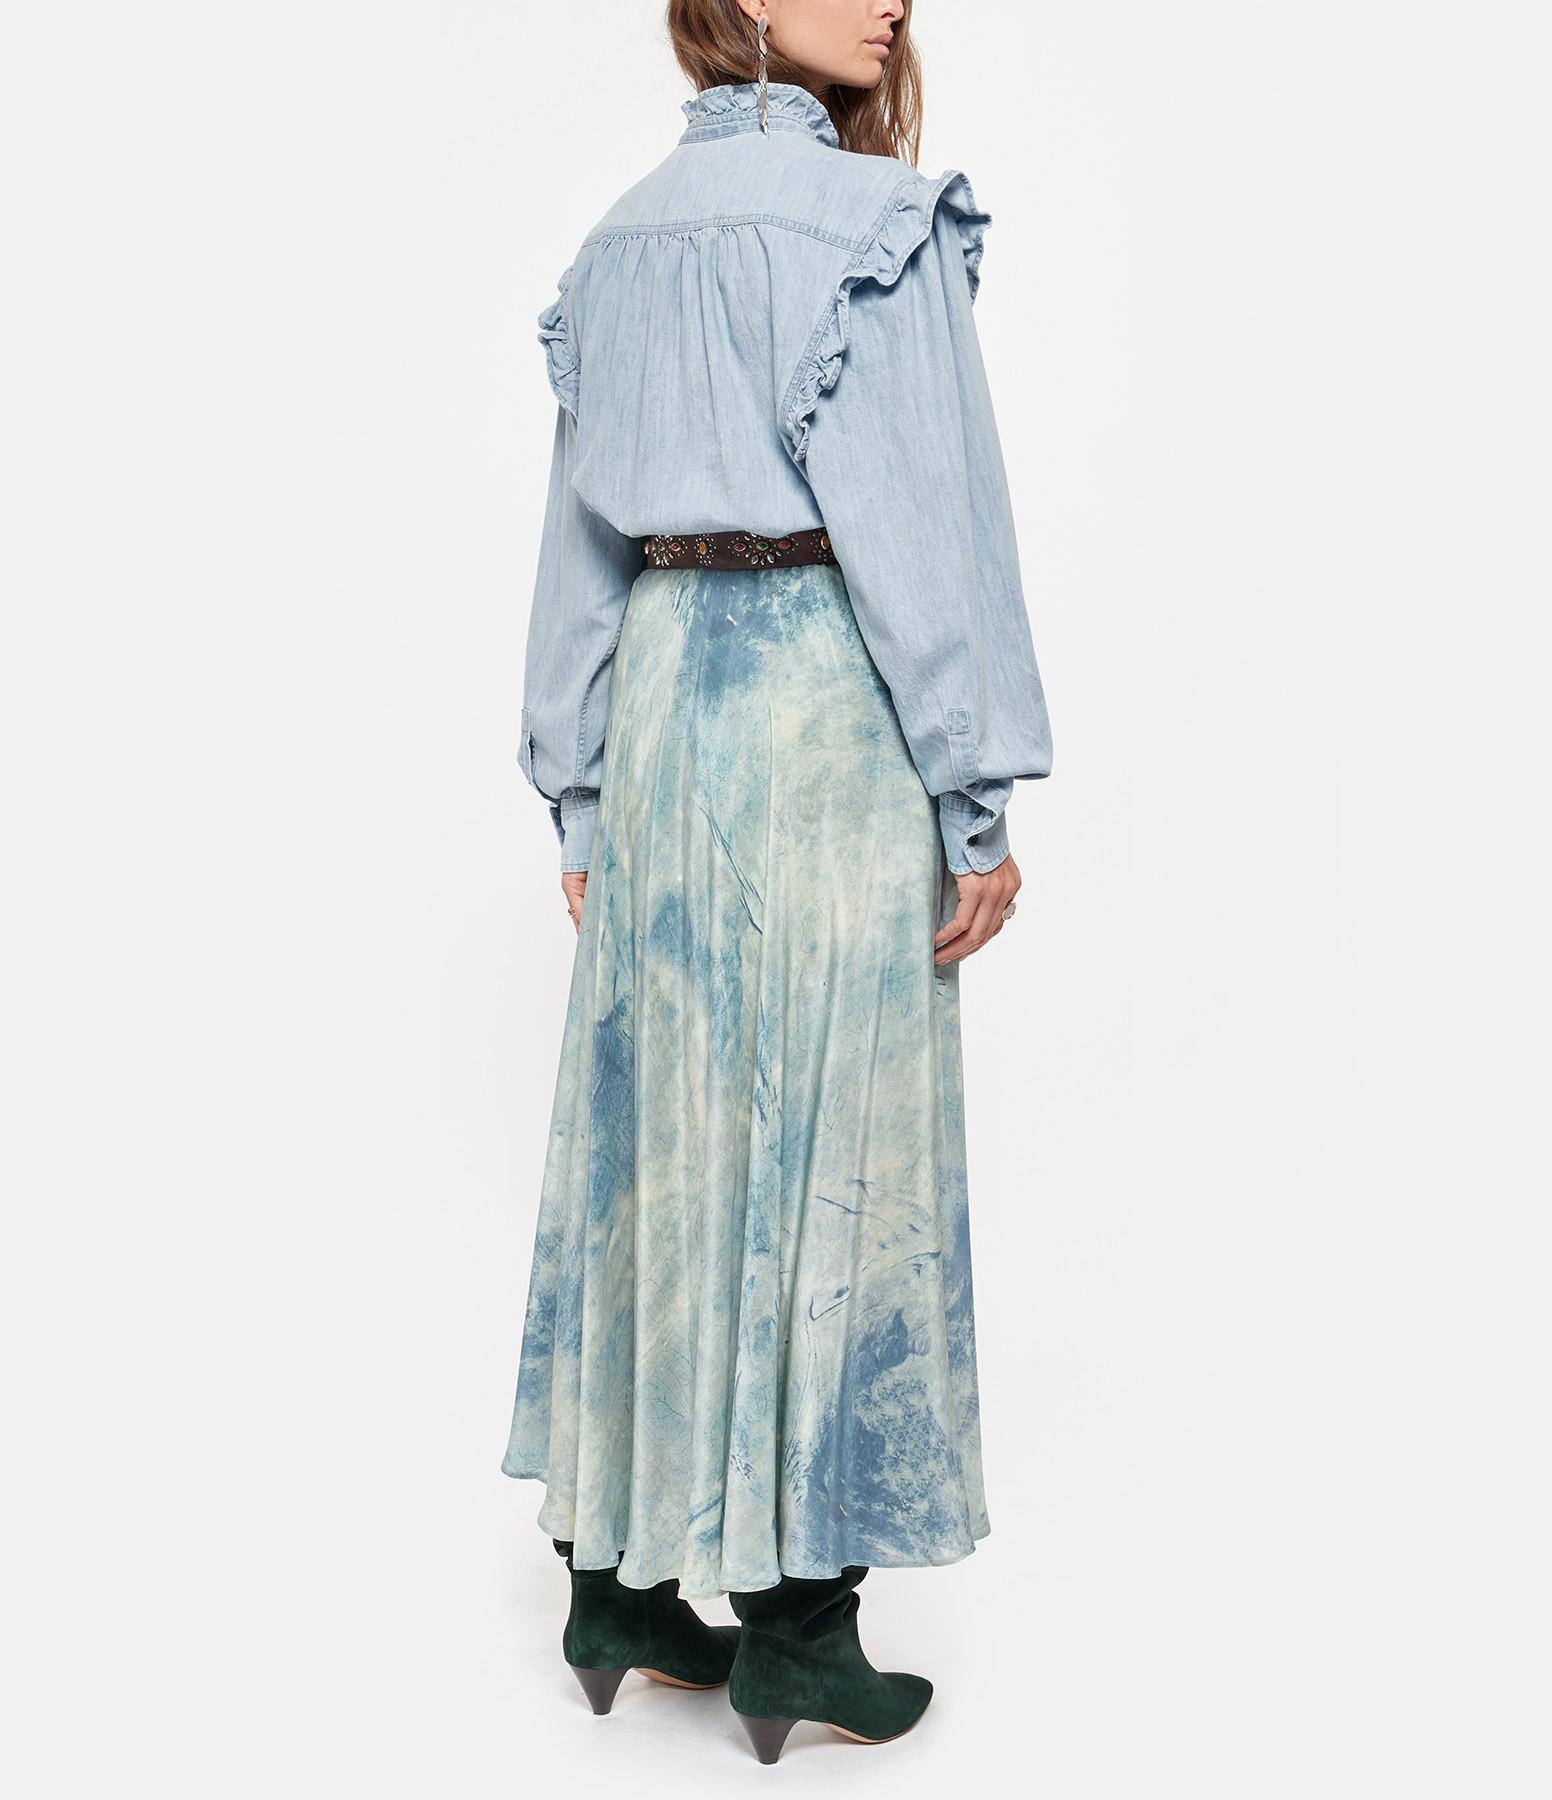 ISABEL MARANT ÉTOILE - Top Gossia Coton Bleu Clair